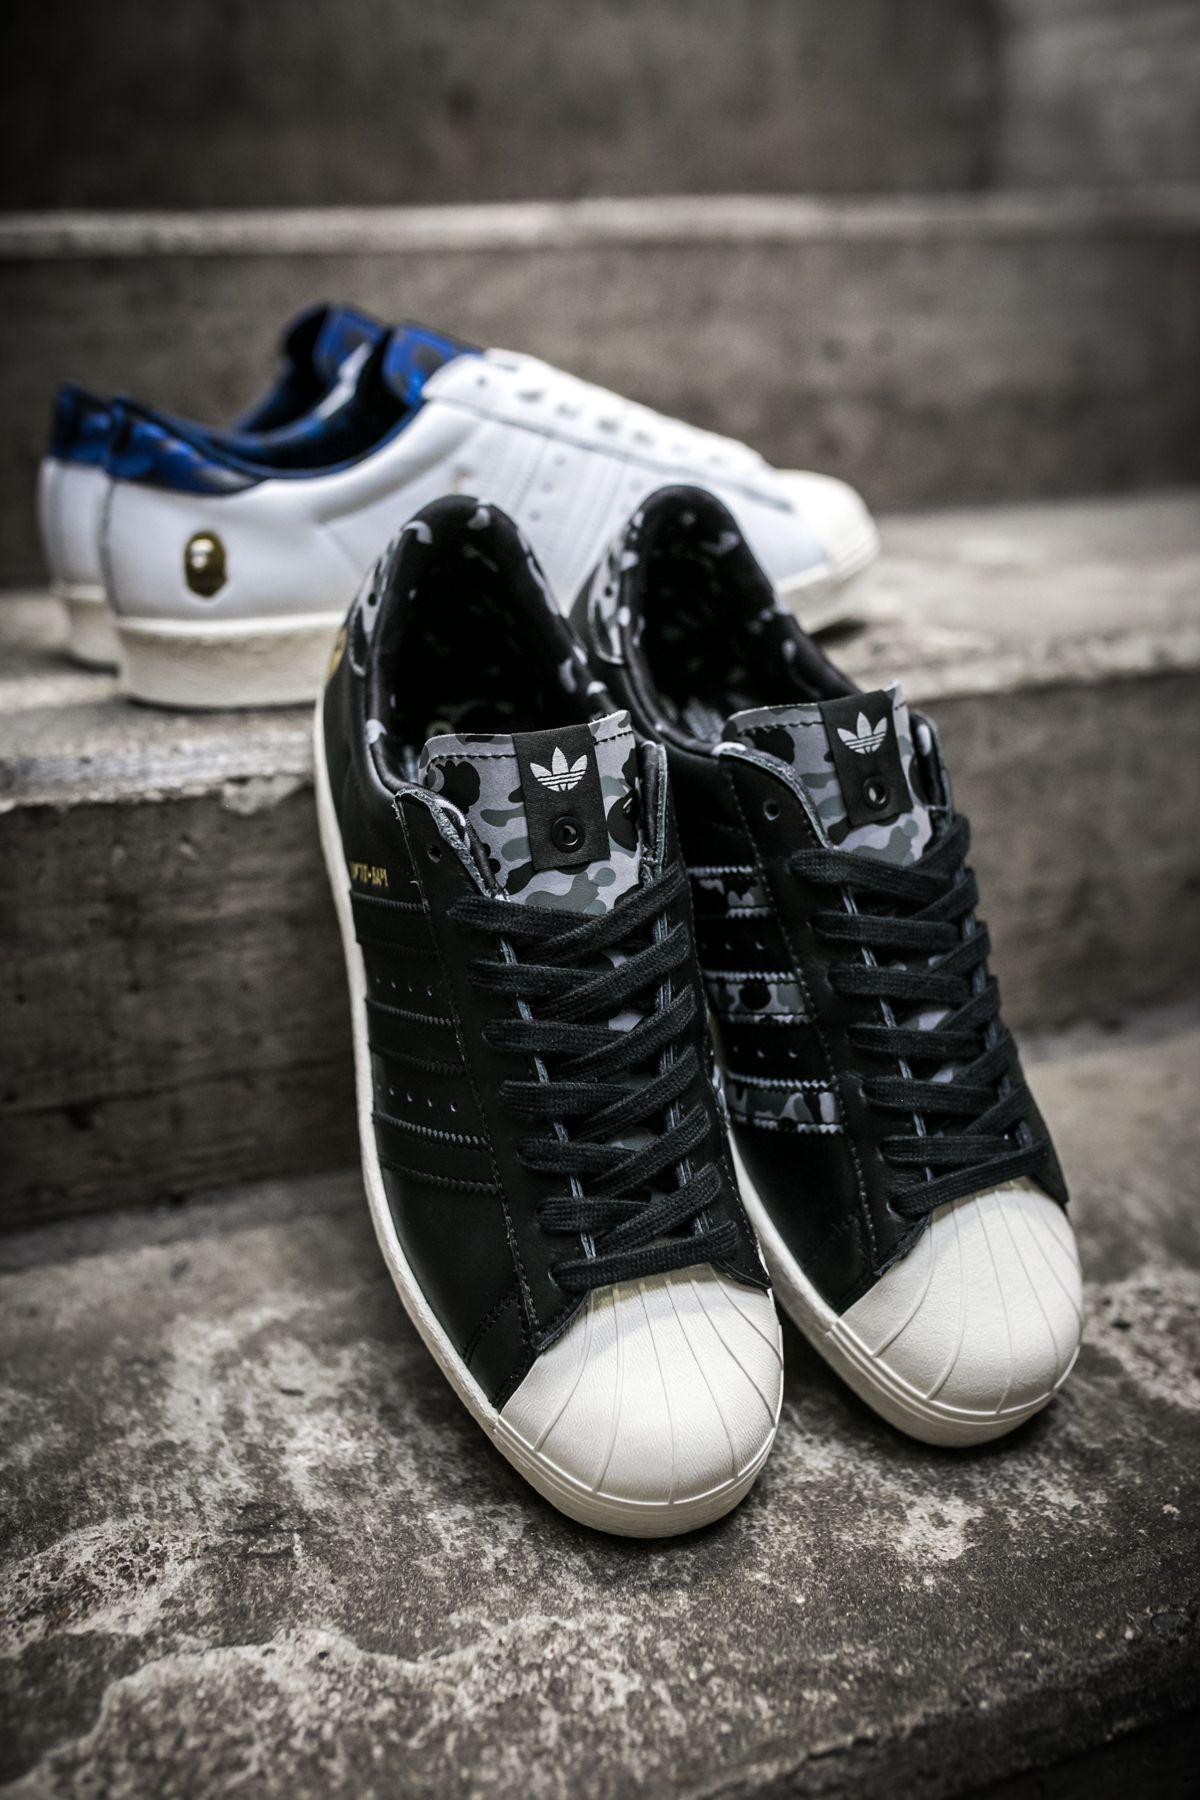 new arrival 42639 c2a68 BAPE x UNDFTD x adidas Consortium Superstar 80s   Street ...